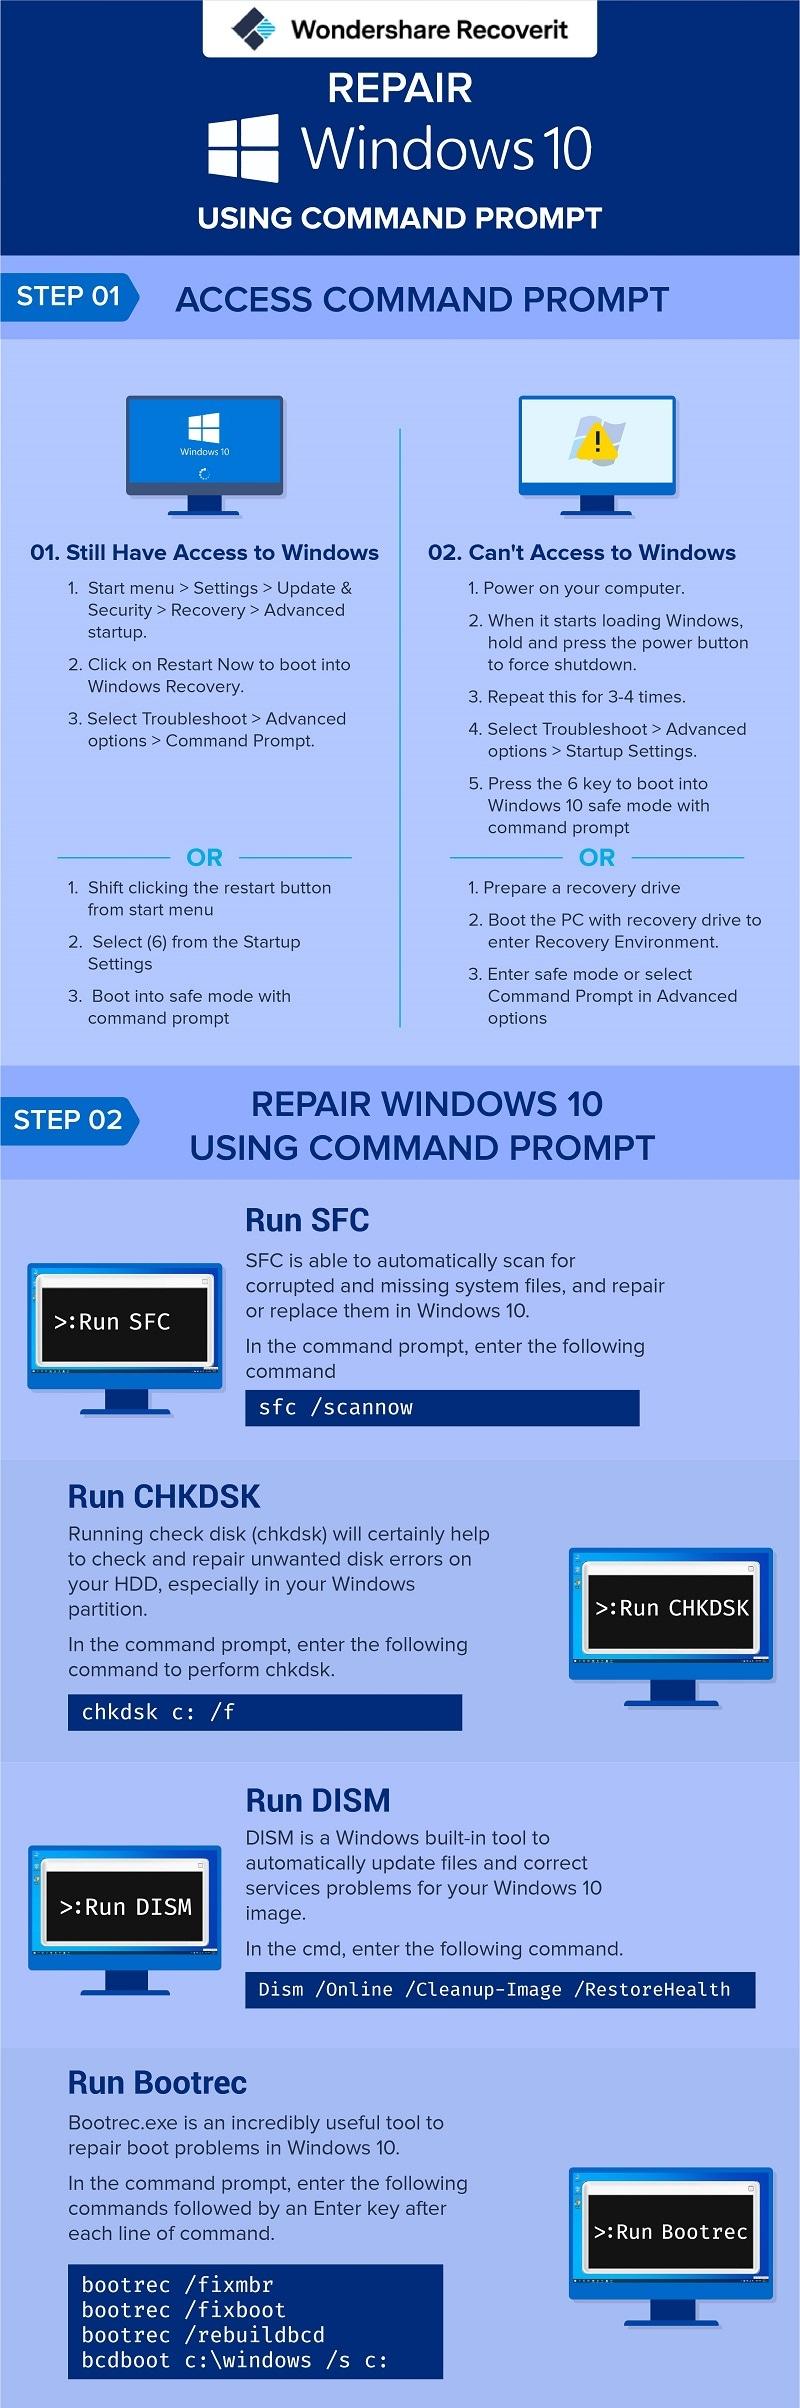 Repair Windows 10/8.1/8/7 Using Command Prompt